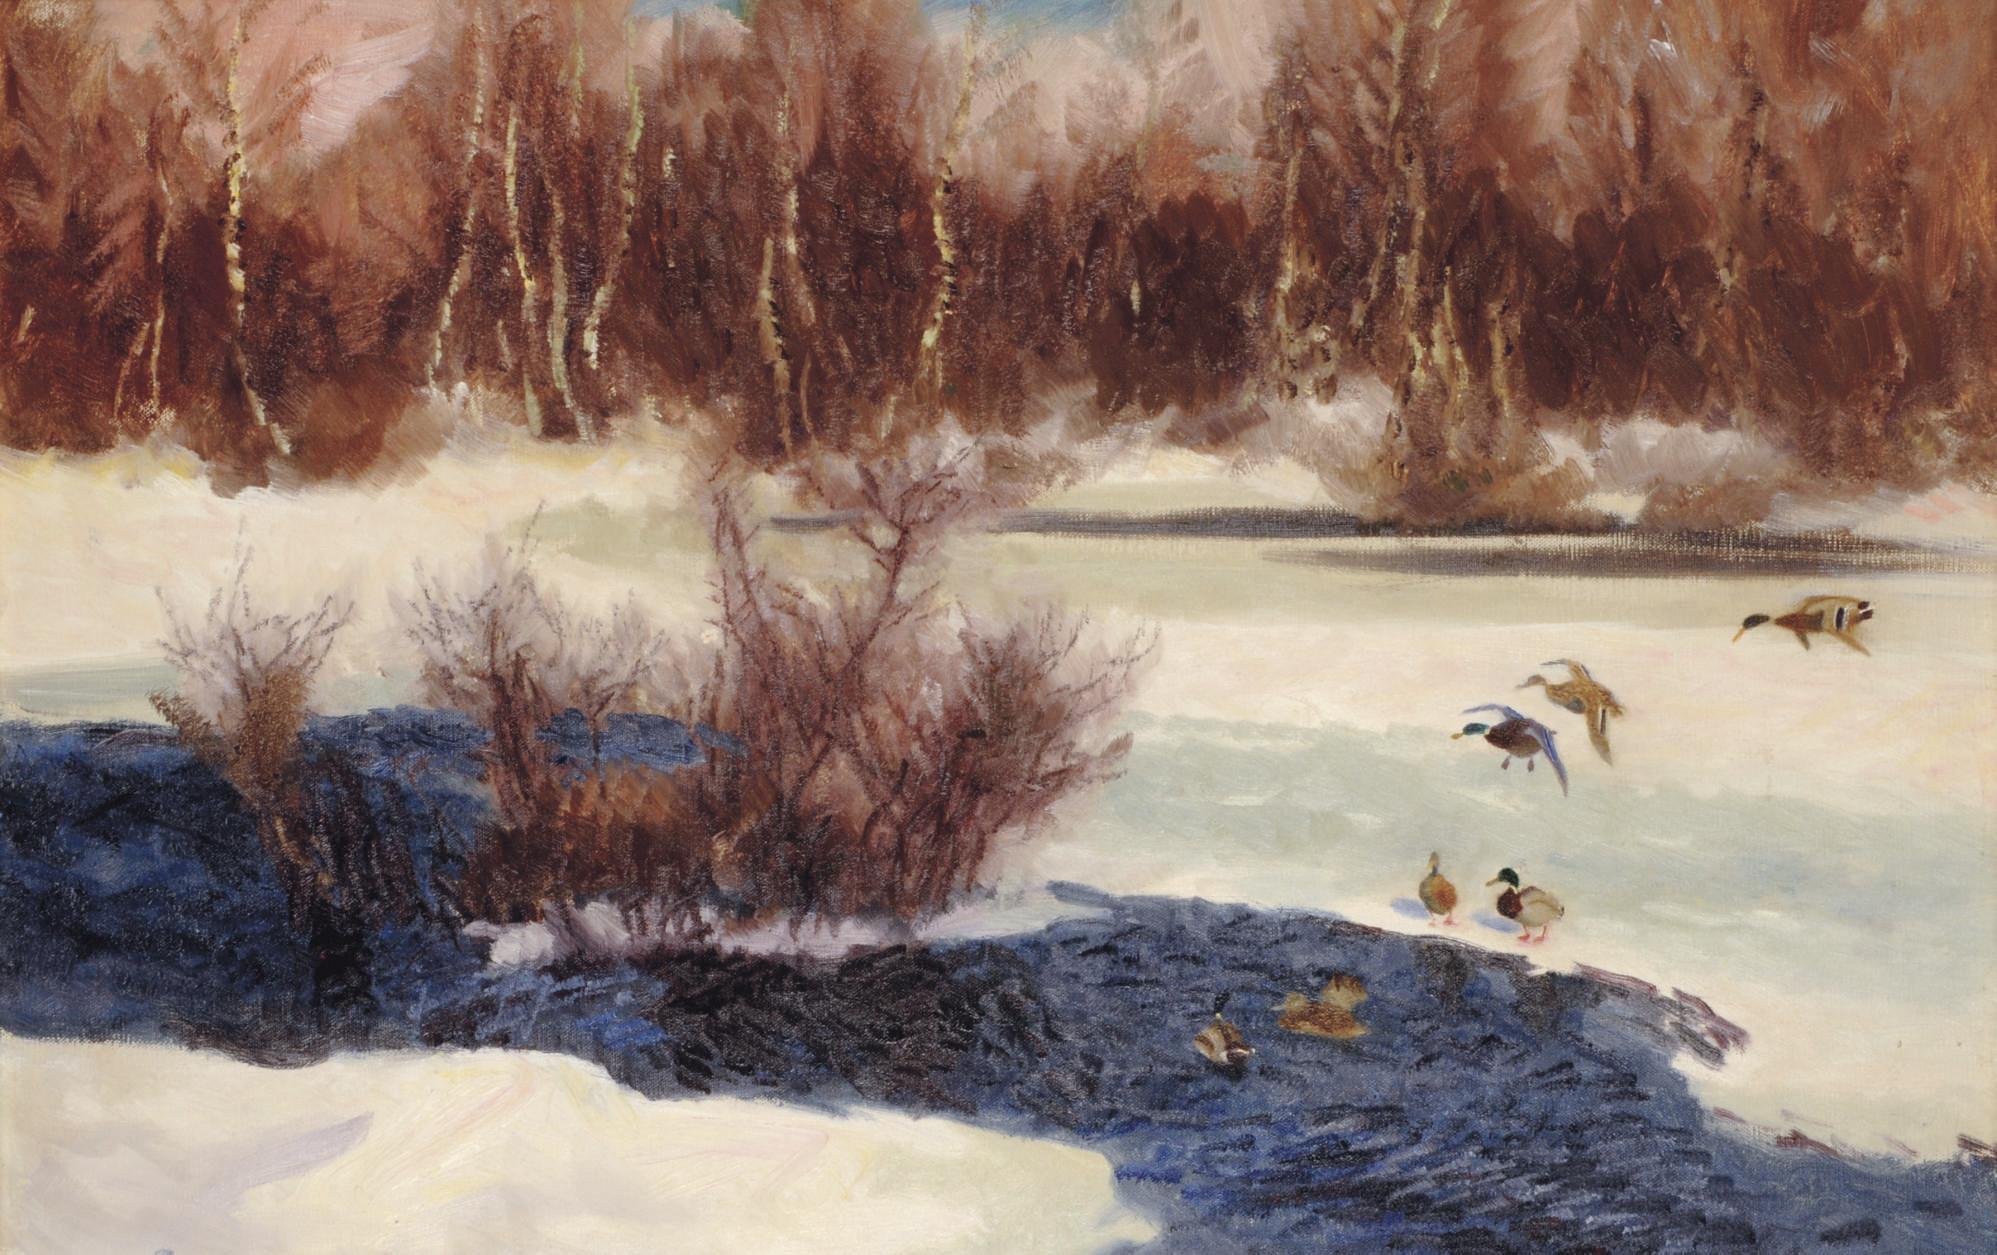 Bruno Liljefors (Swedish, 1860